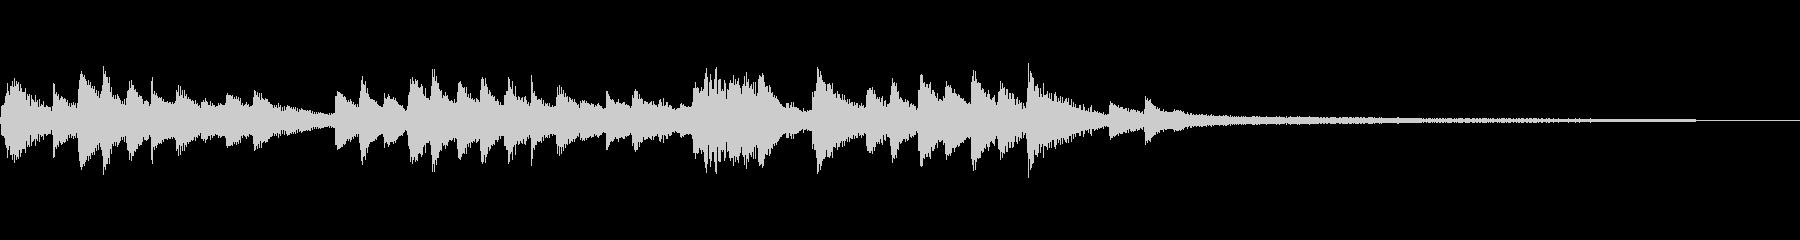 和風のジングル1b-タックピアノの未再生の波形